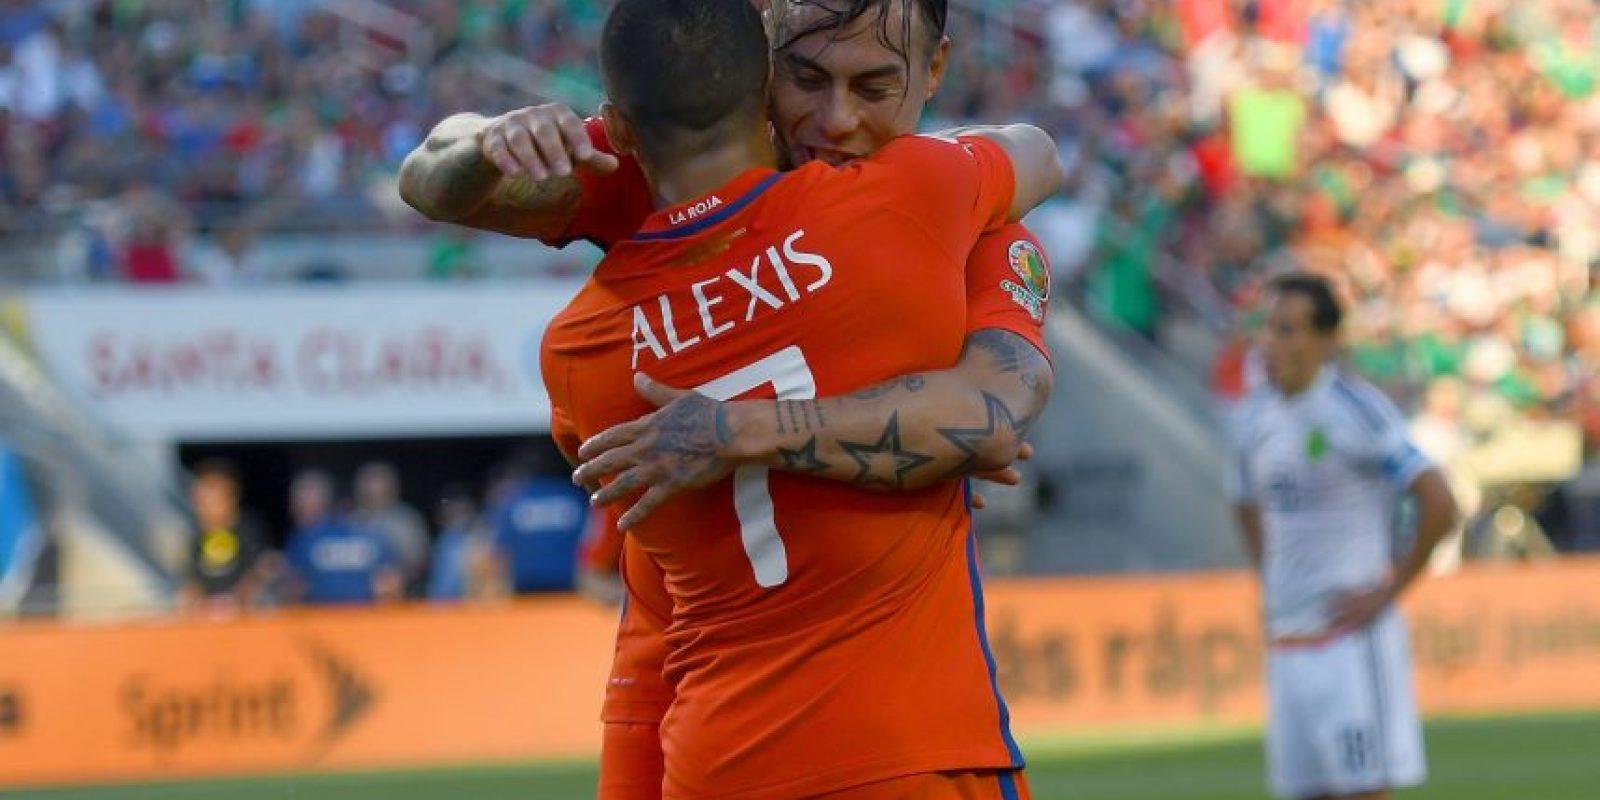 Chile, en tanto, no tuvo mayores complicaciones para avanzar de ronda y goleó por 7 a 0 a México Foto:Getty Images. Imagen Por: